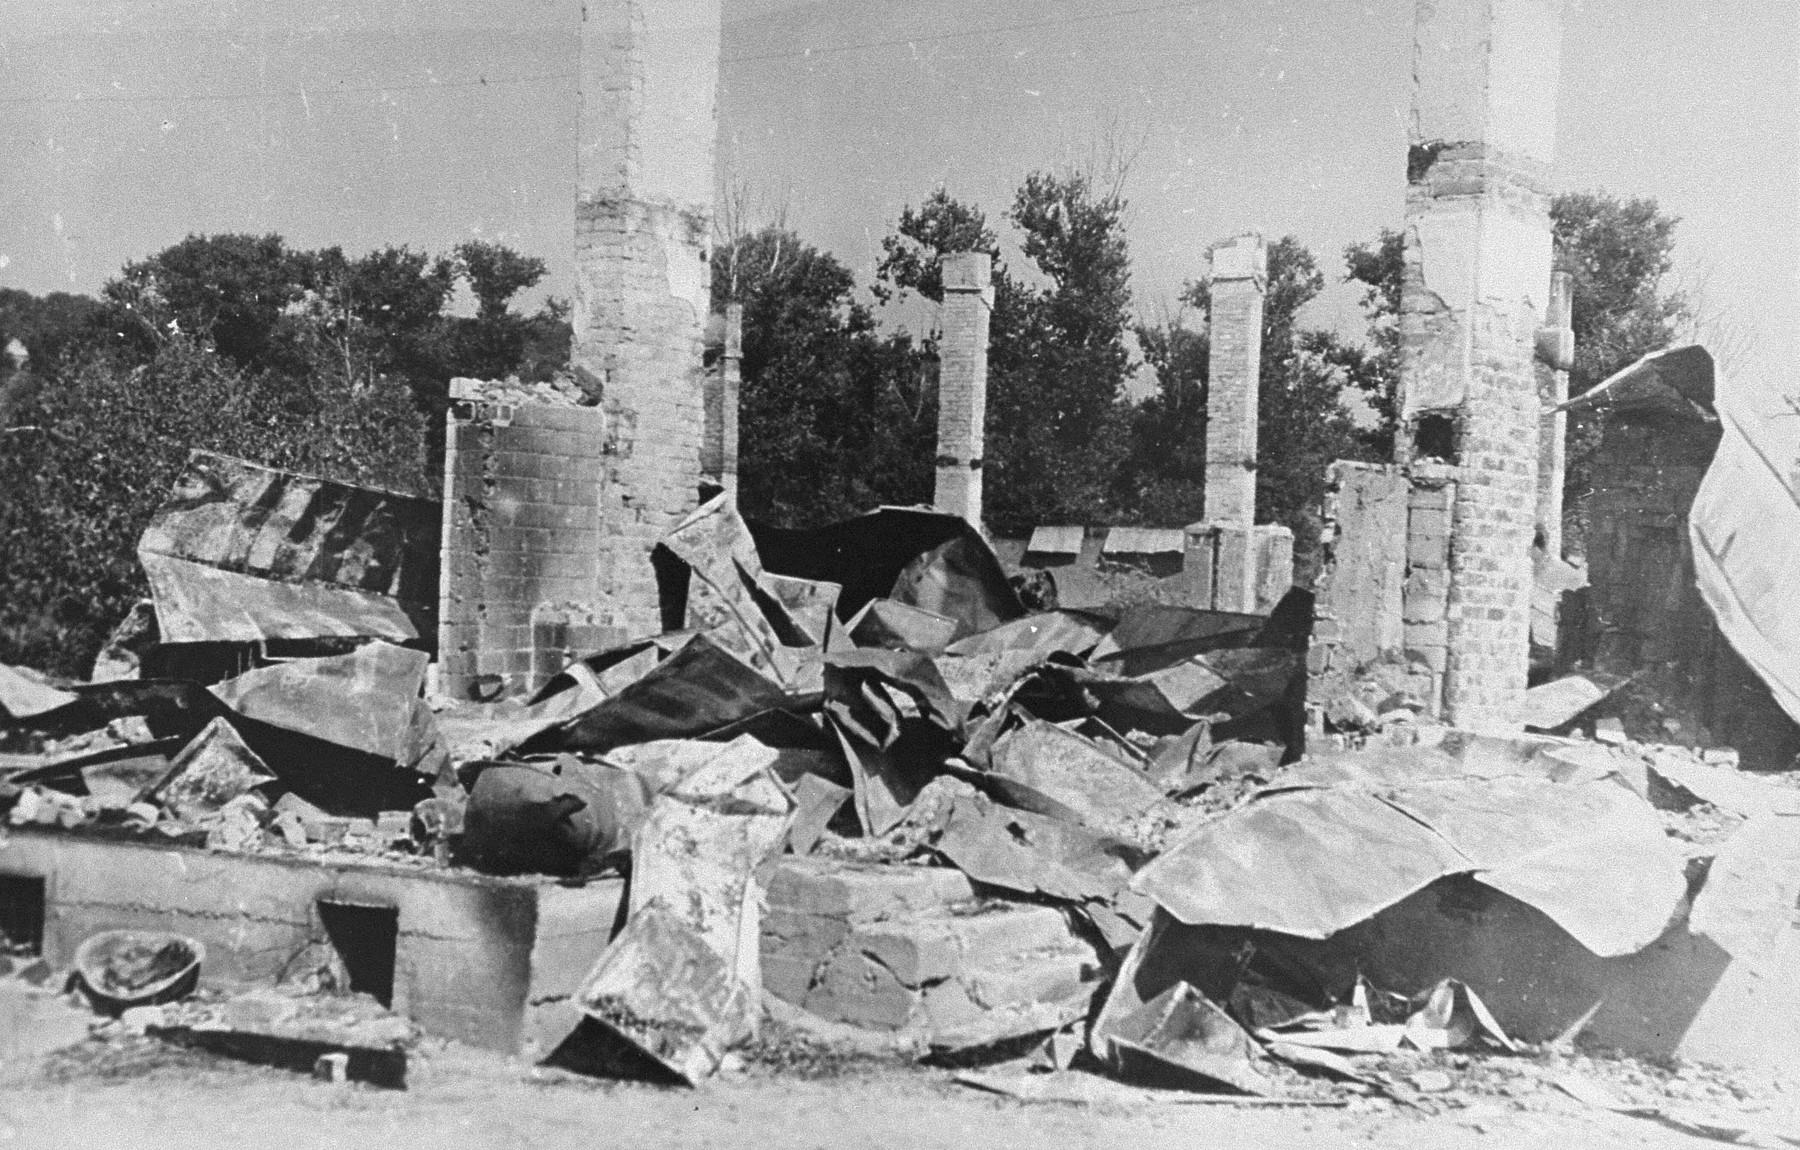 Ruins of the Kovno ghetto.